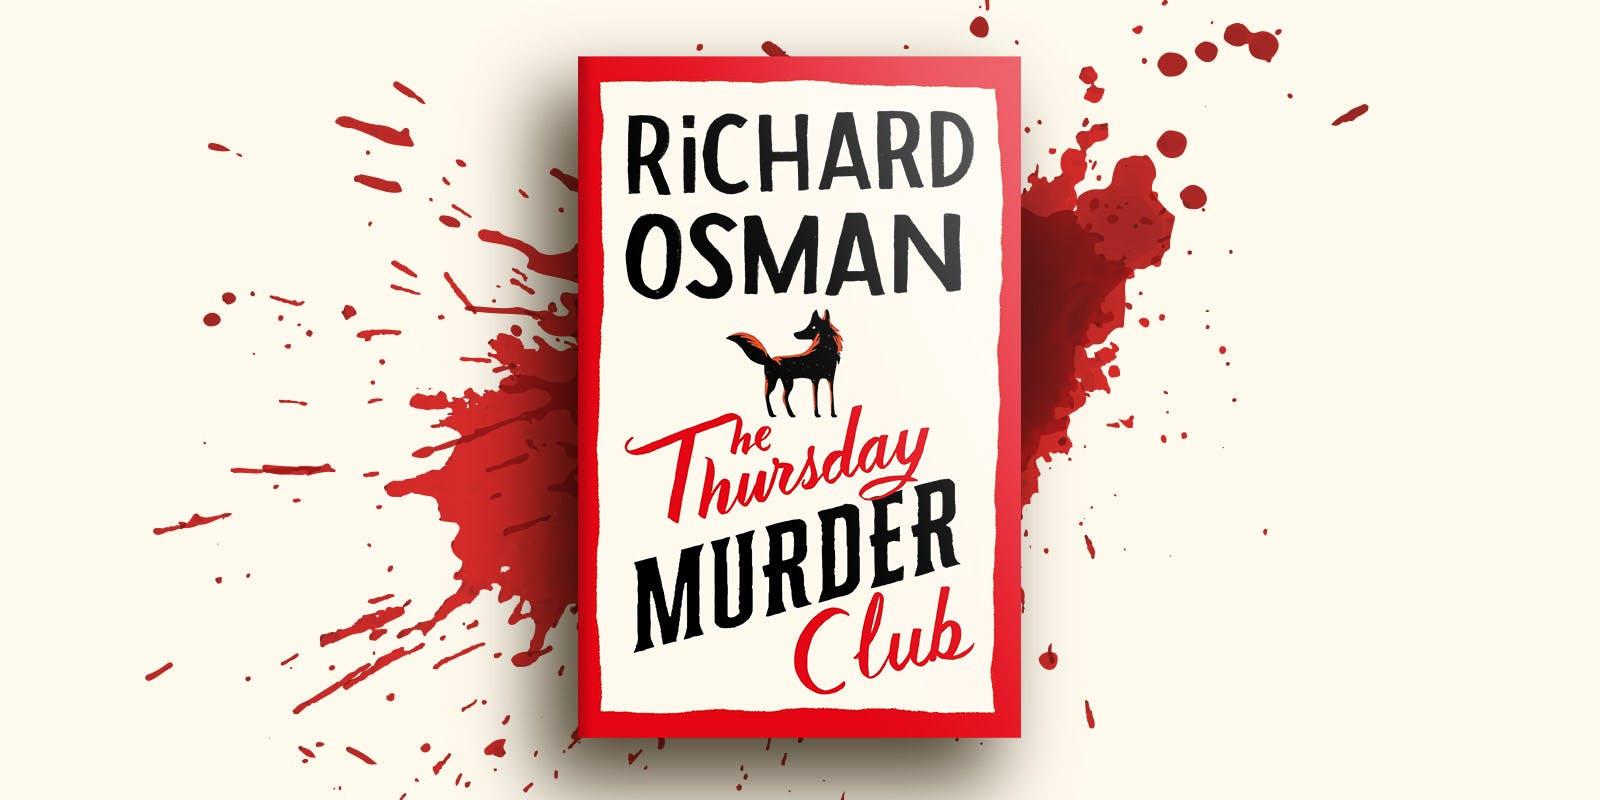 Thursday Murder Club book club notes